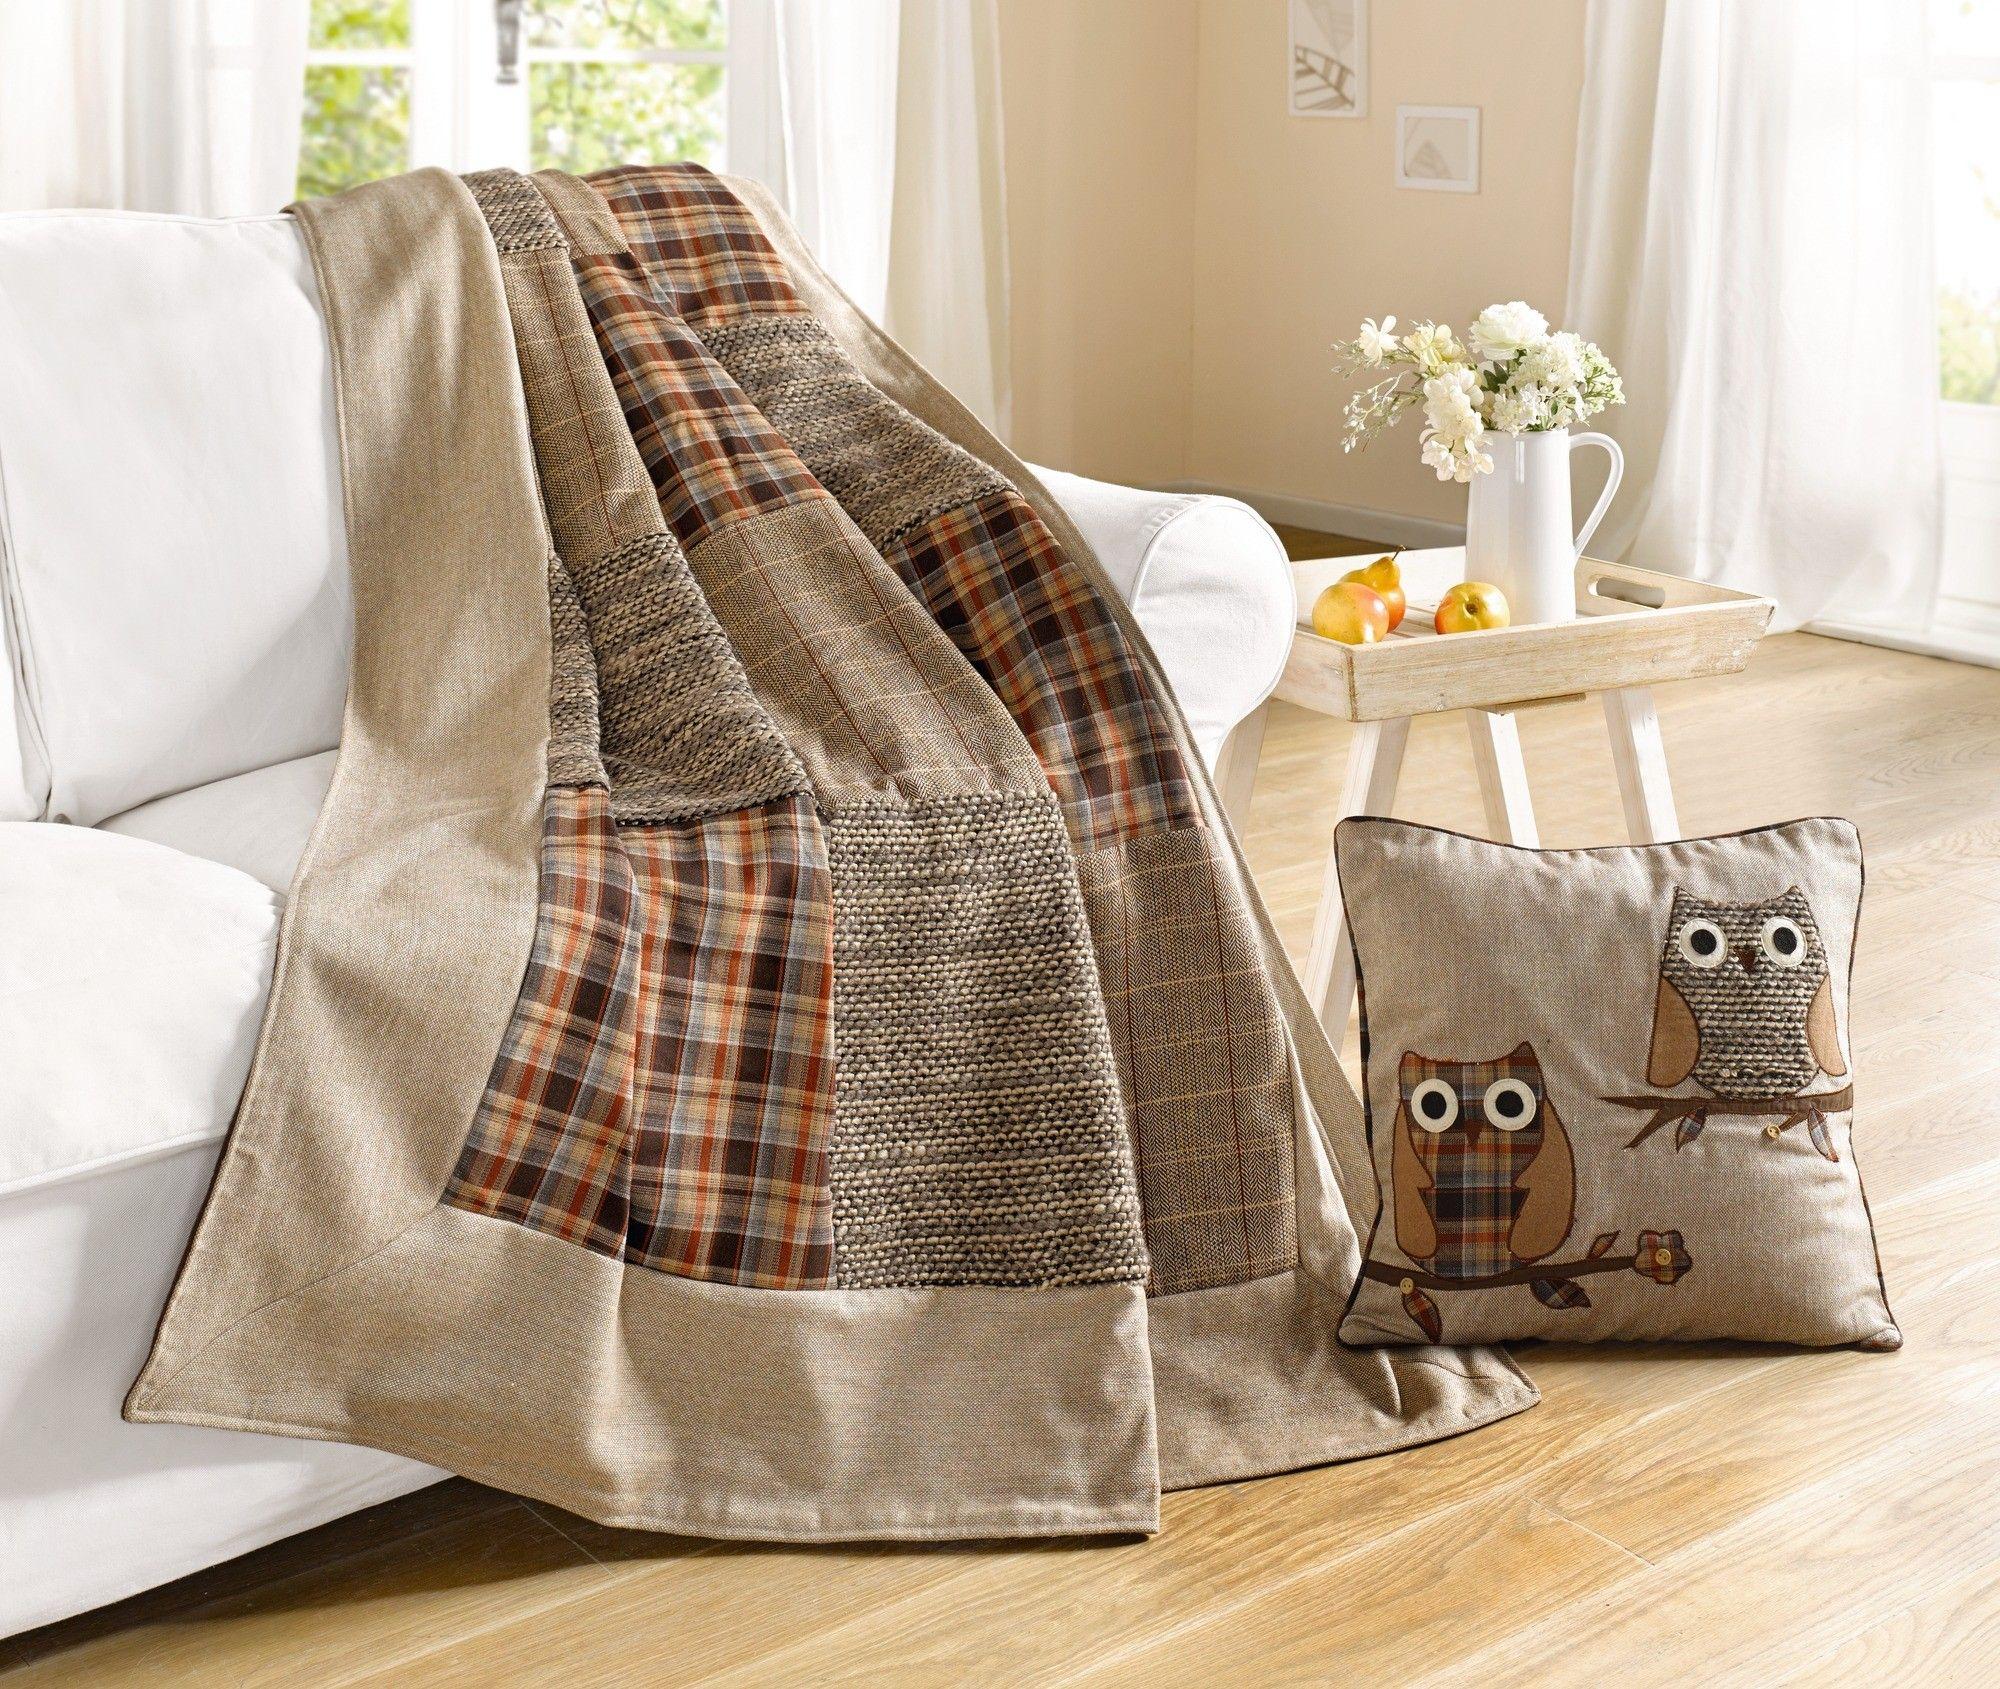 Decke mit Patchwork-Muster - Winterliches und Kuscheliges ...